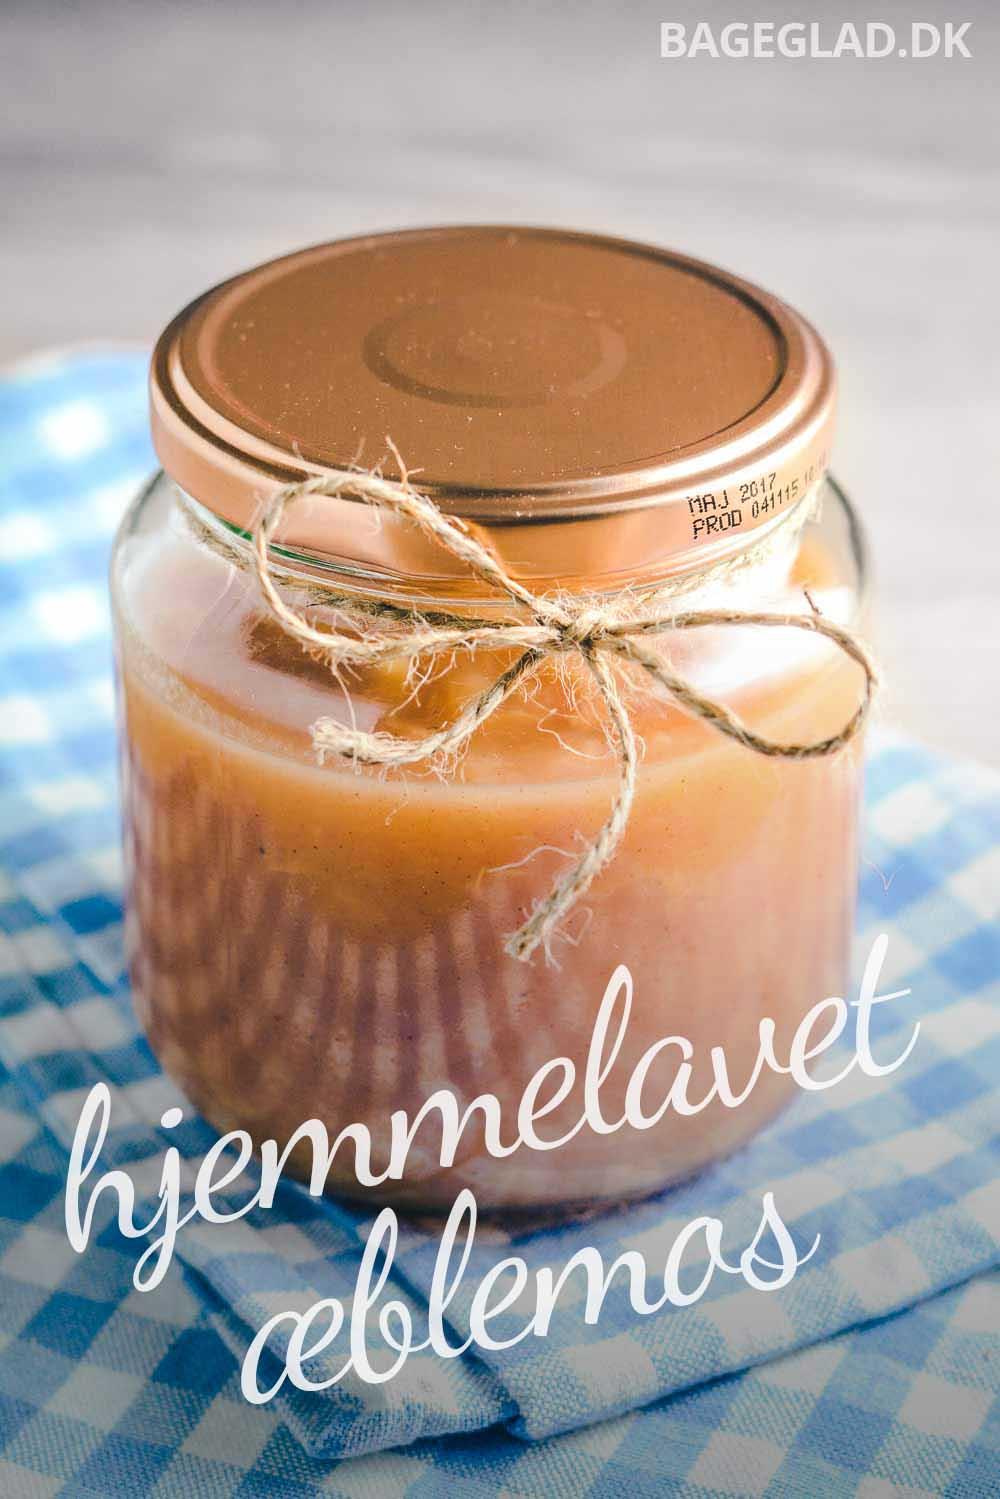 Æblemos opskrift med vanille og kanel